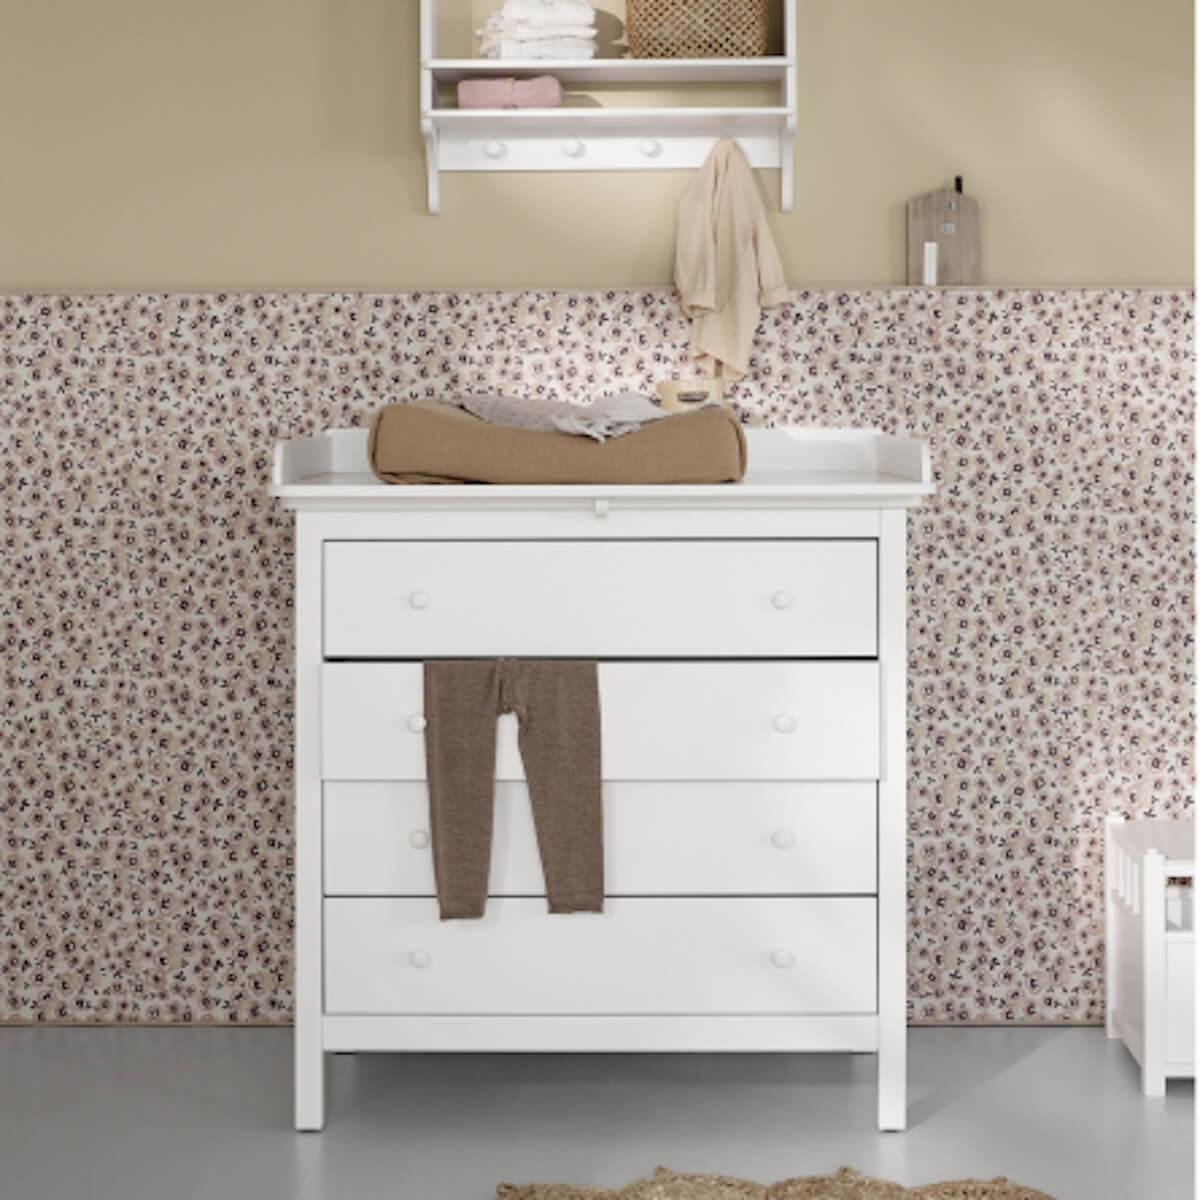 Plan à langer SEASIDE/WOOD Oliver Furniture blanc